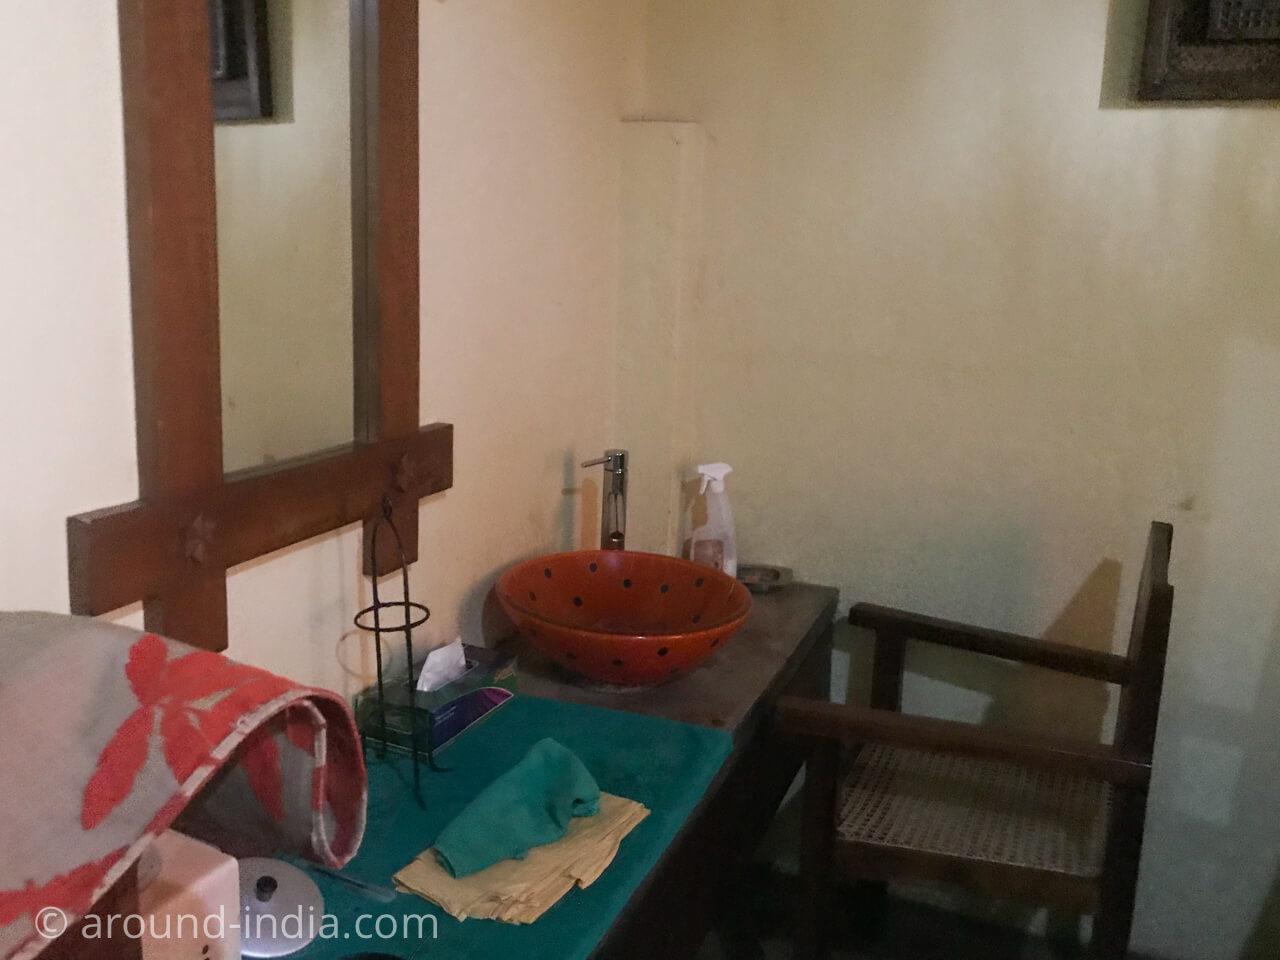 スリランカのアーユルヴェーダ siddhalepa spa トリートメントルーム